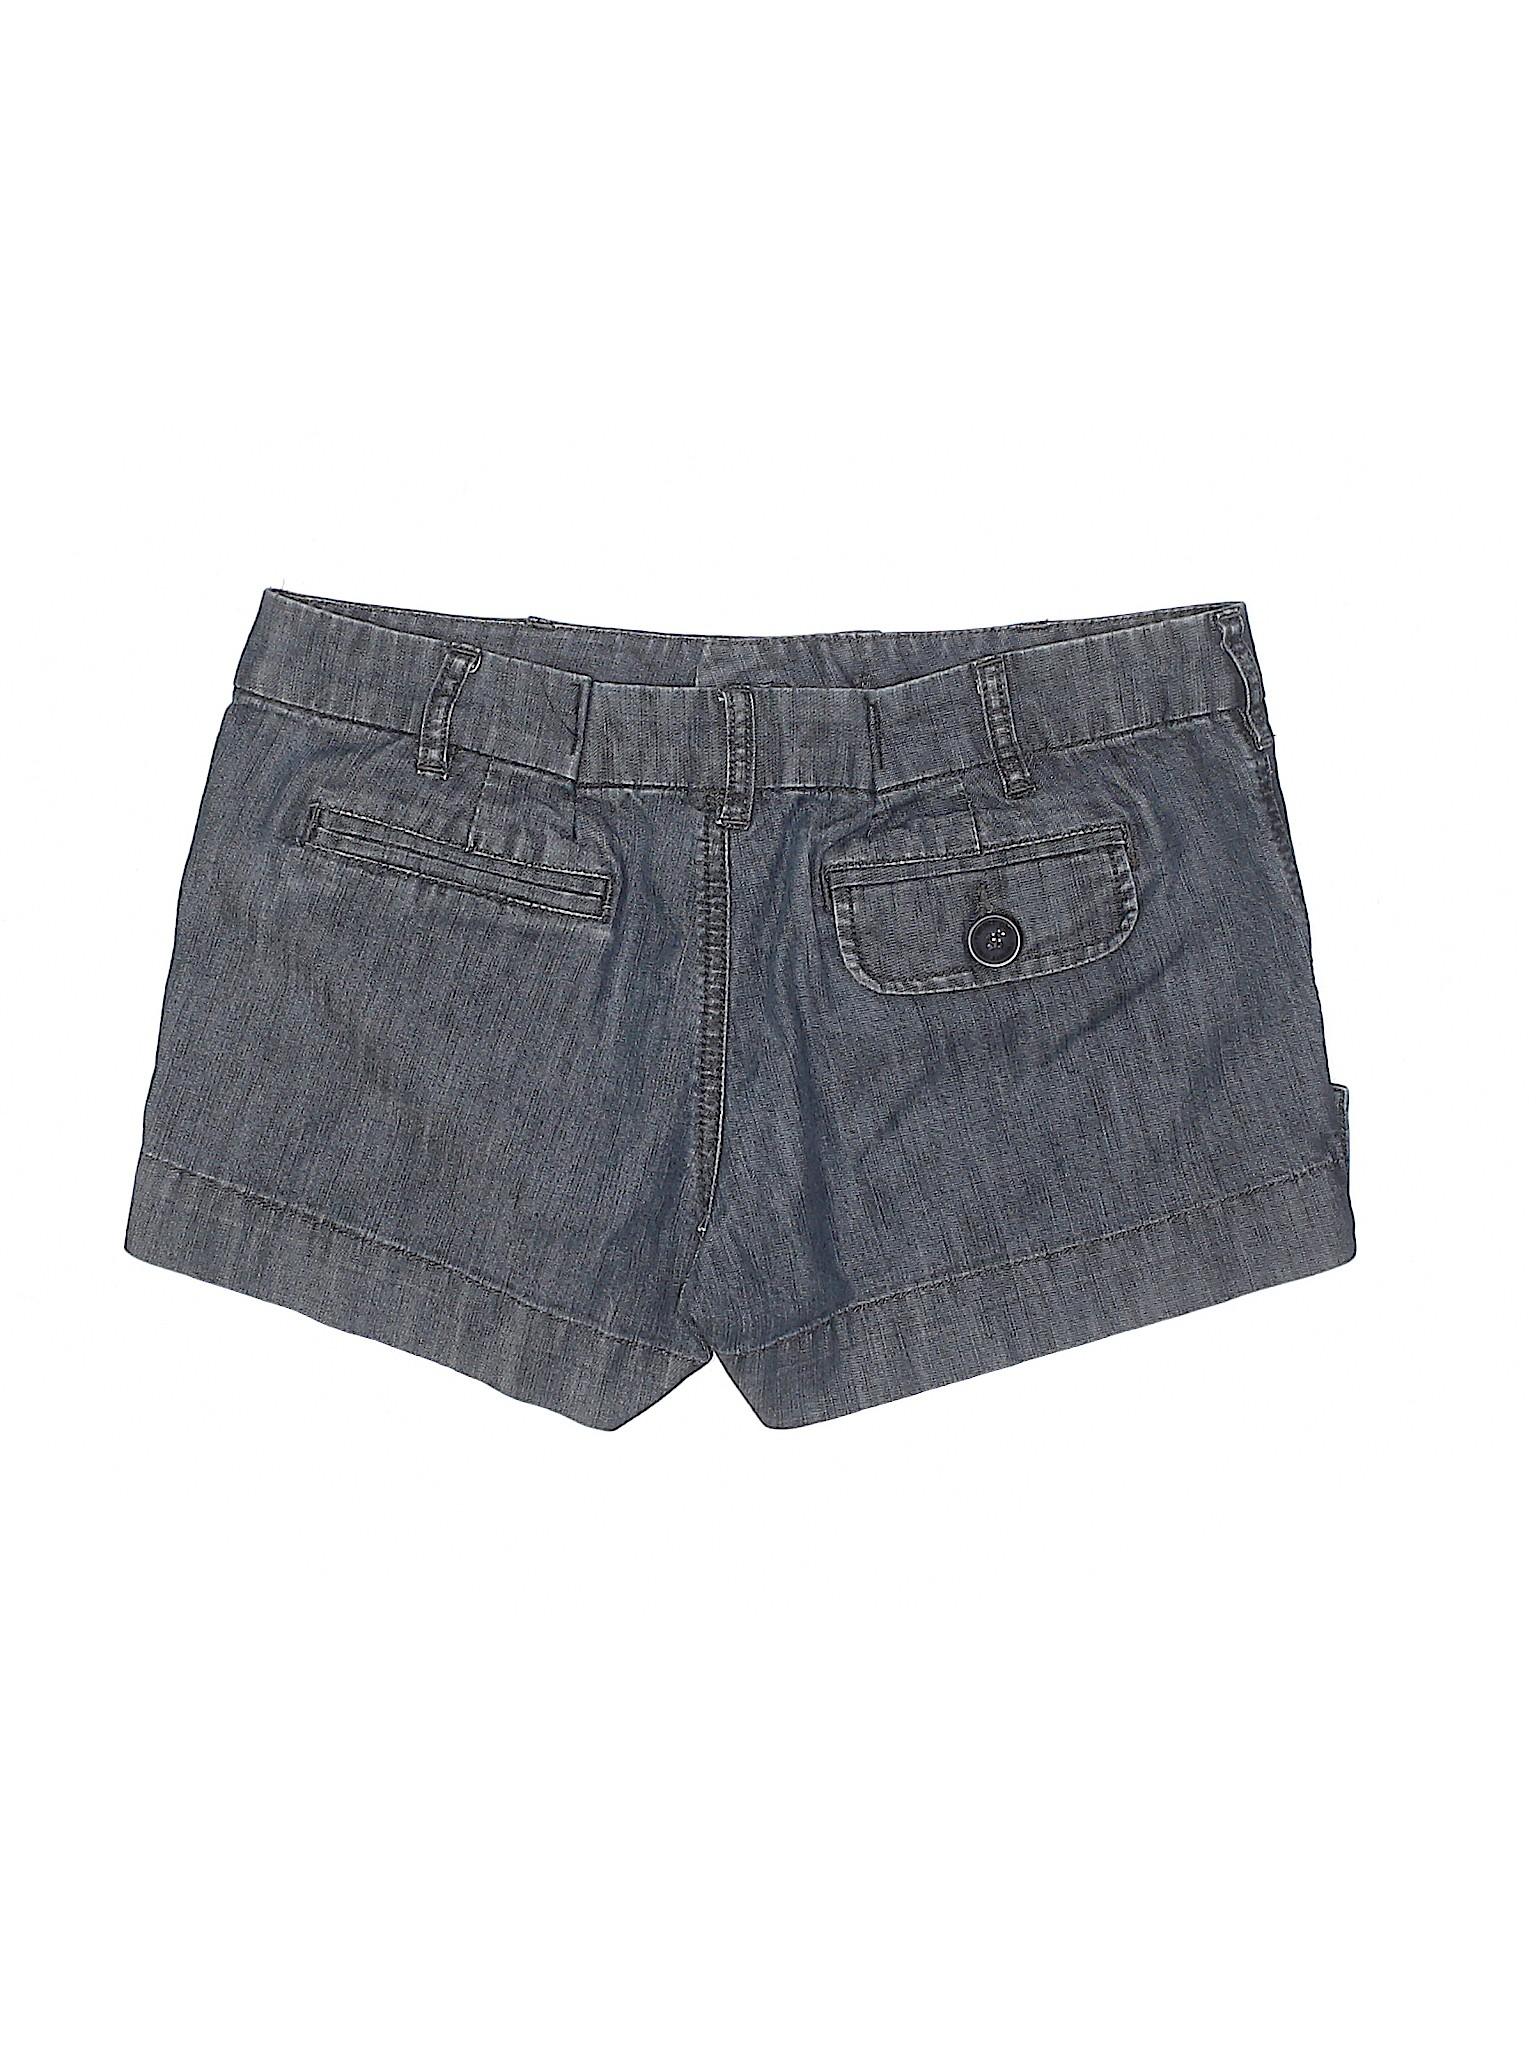 21 Boutique Boutique Denim Forever Shorts 21 Denim Forever Shorts Forever Boutique Y48Ufxw8q